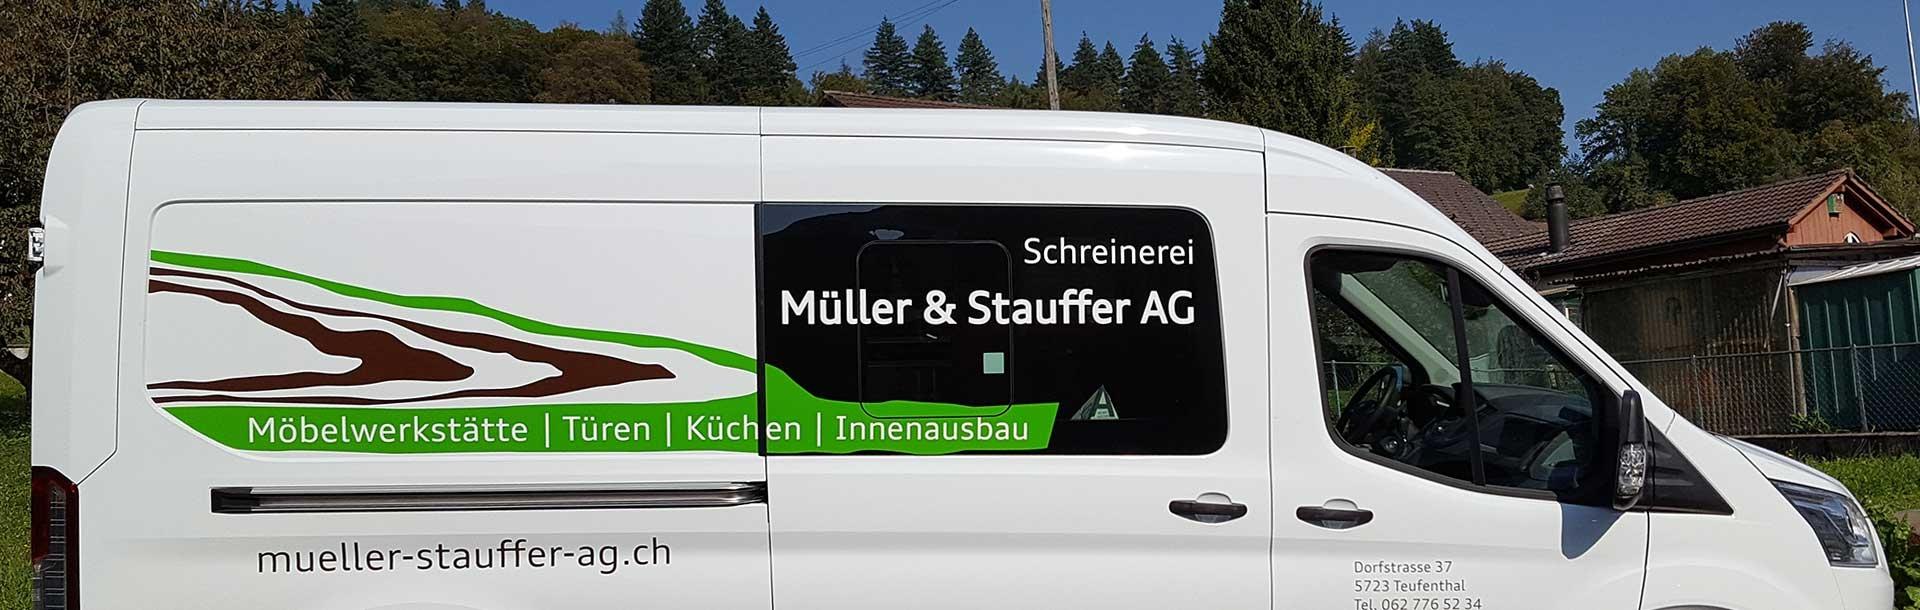 Schreinerei Müller & Stauffer AG, Dorfstrasse 37, 5723 Teufenthal AG